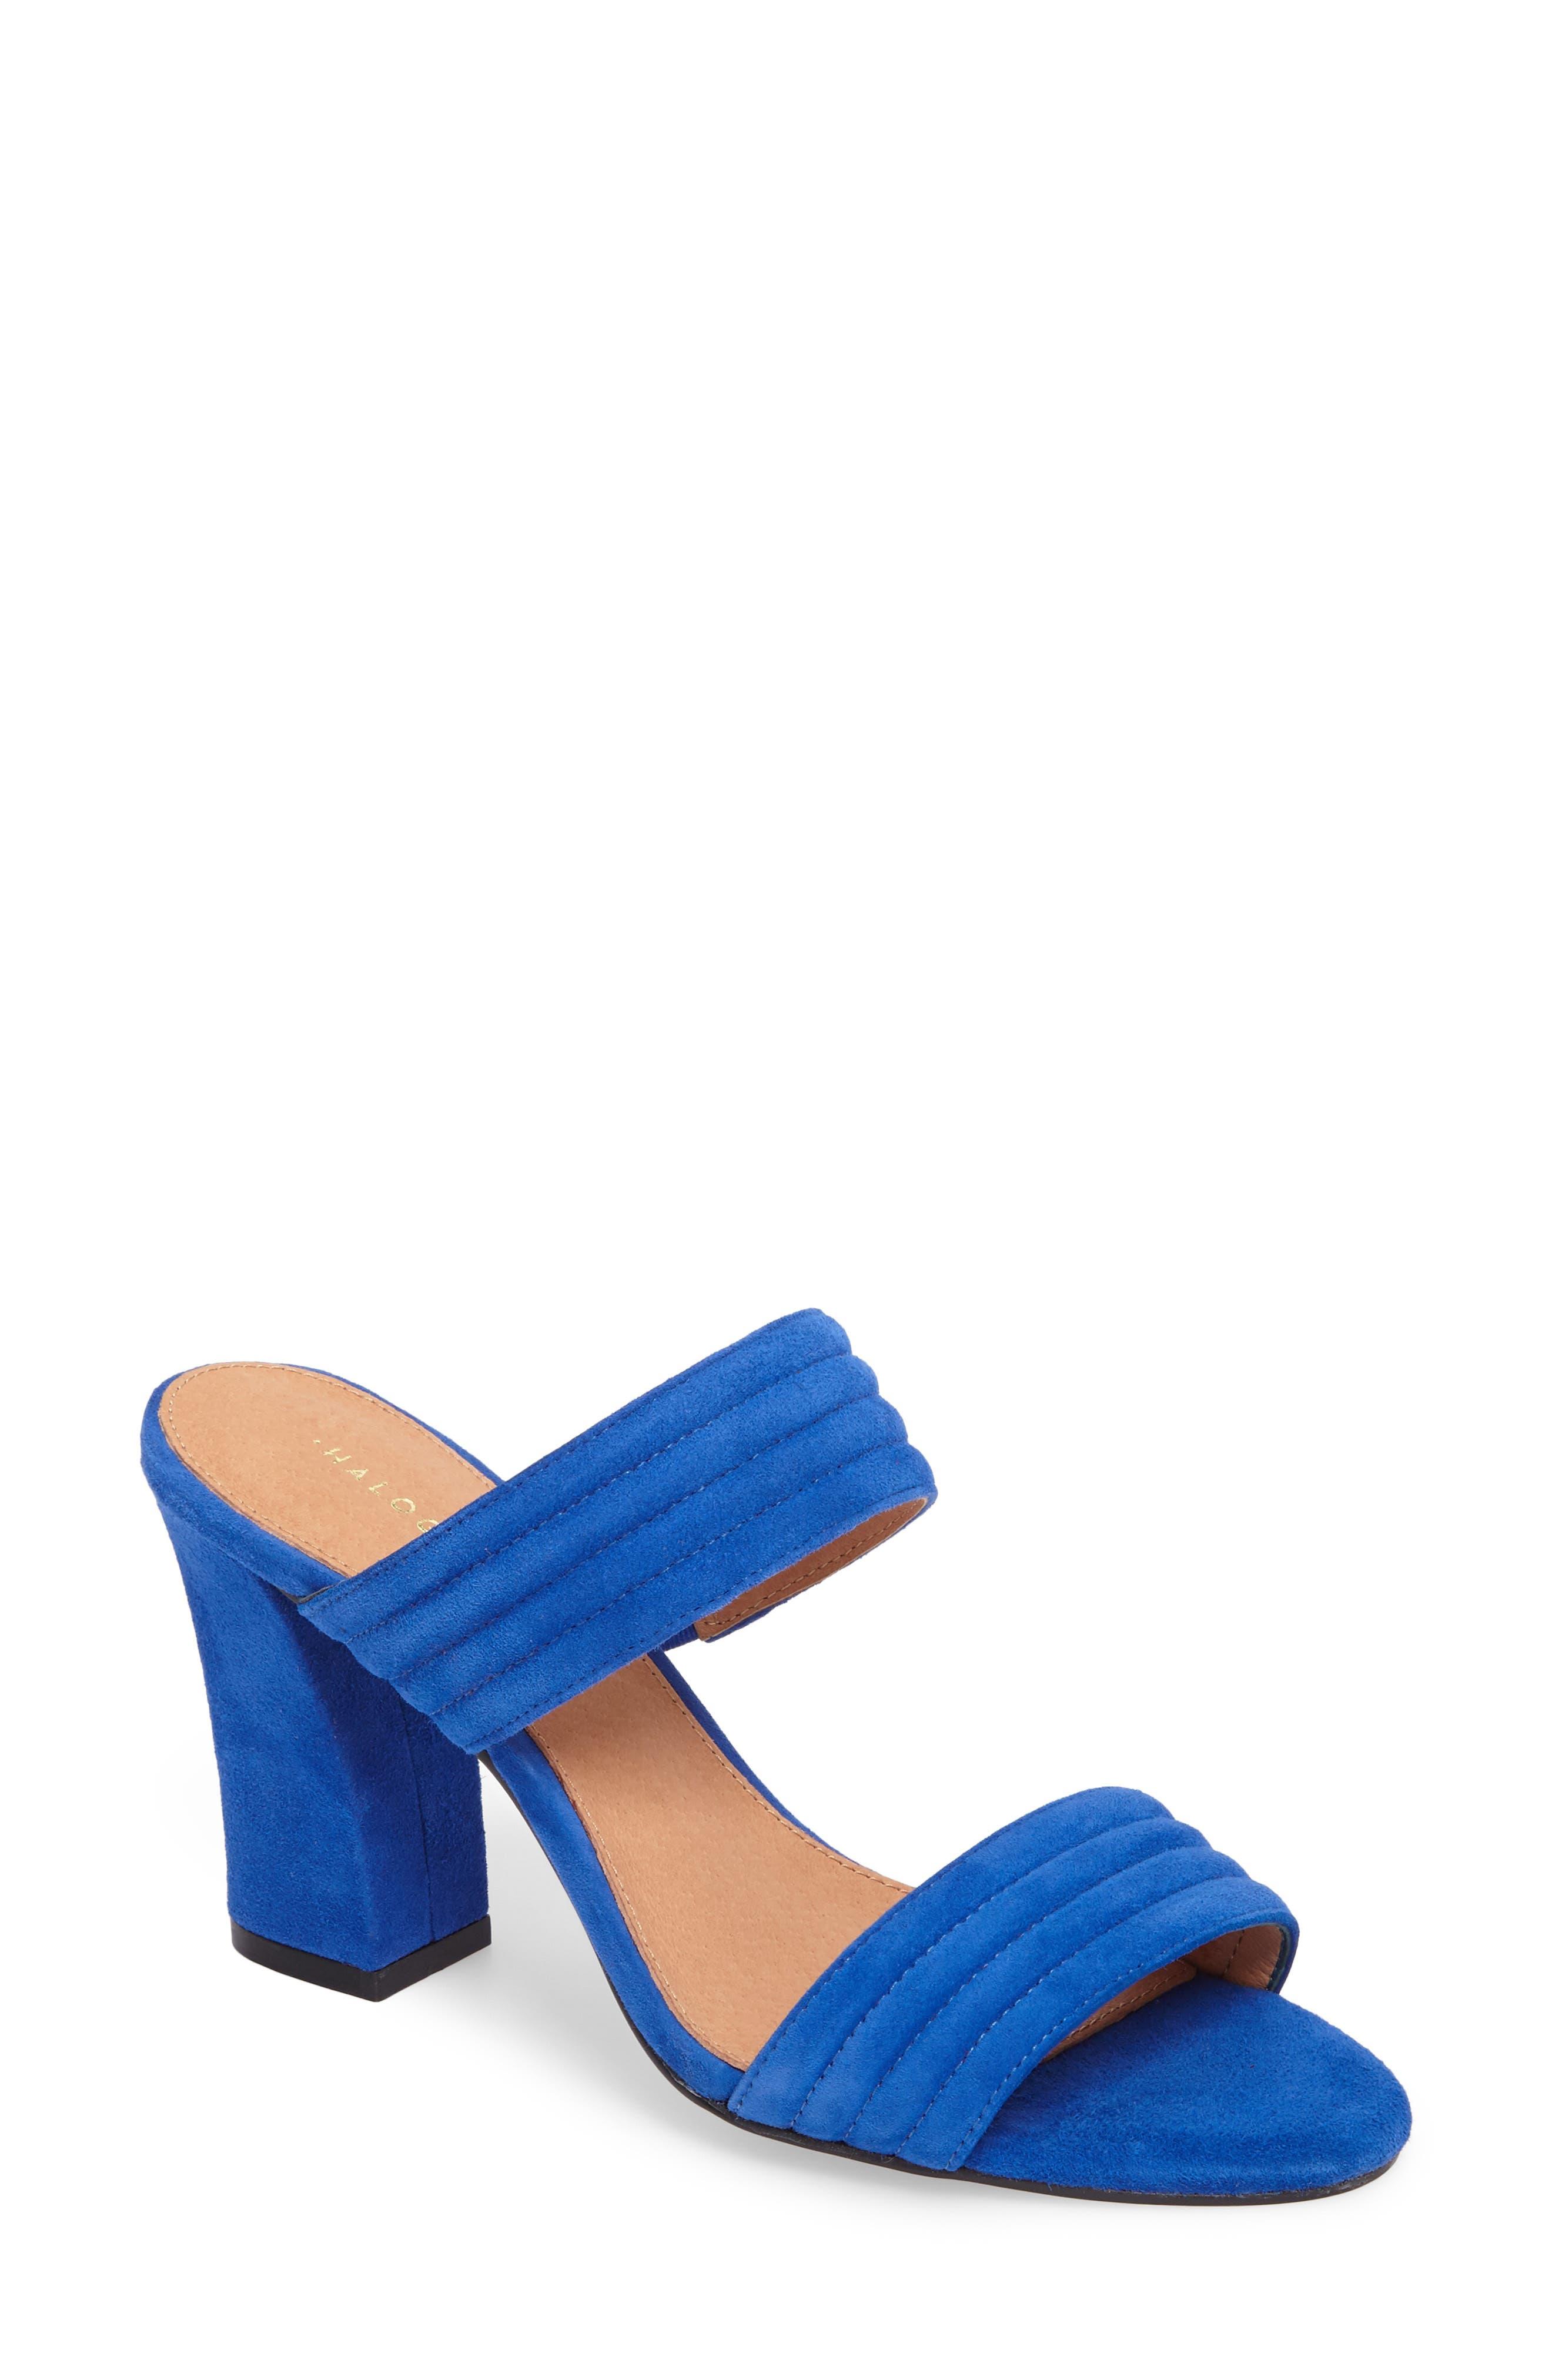 Della Slide Sandal,                         Main,                         color, Cobalt Suede